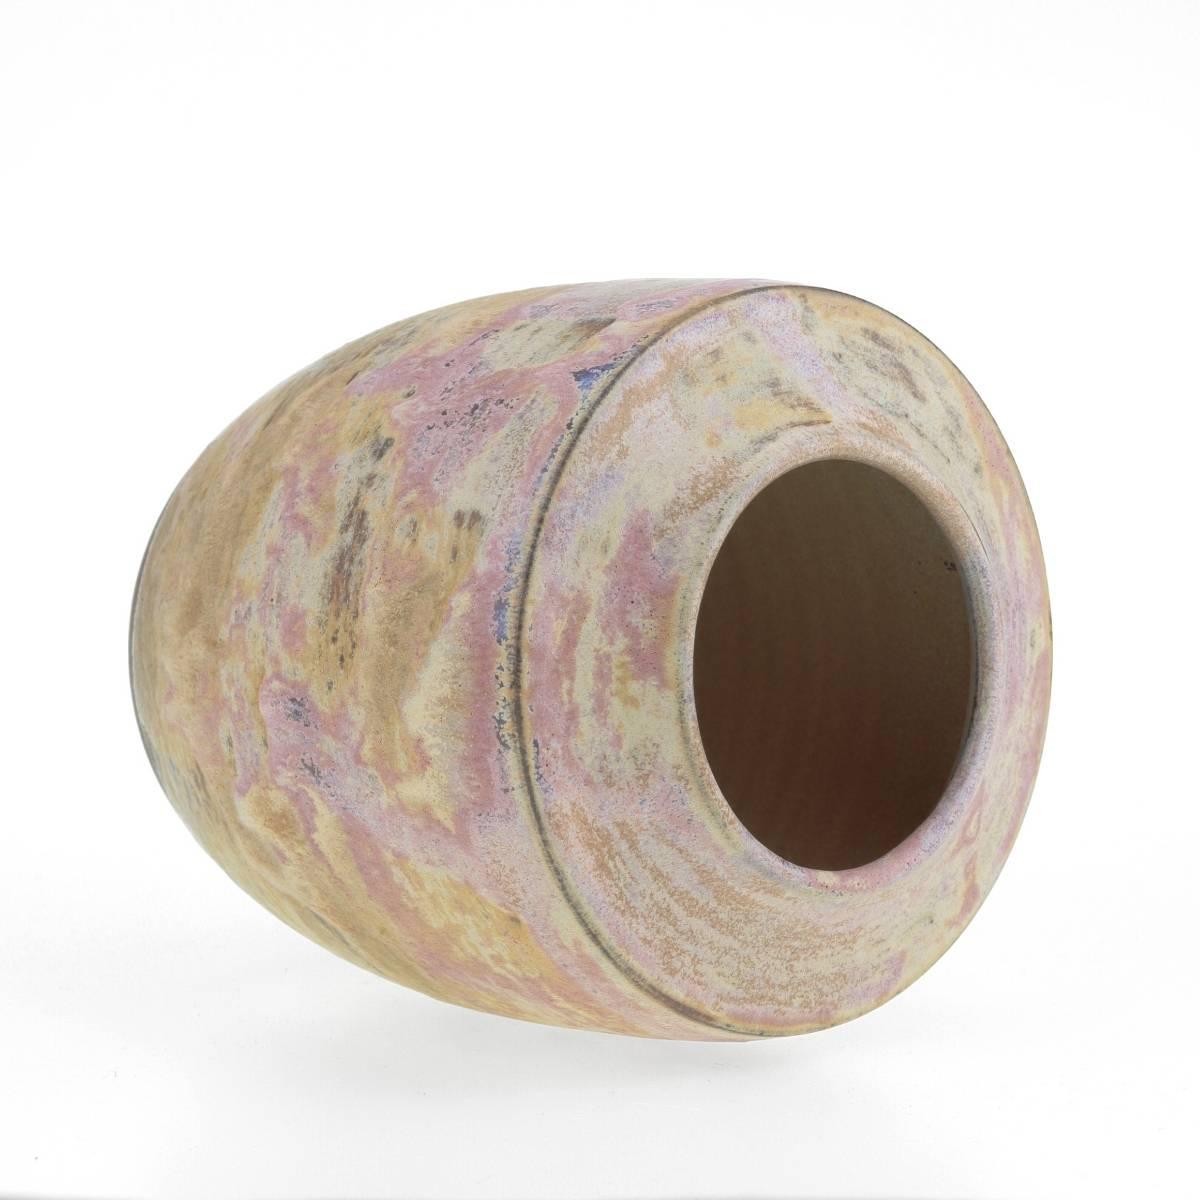 Nordic-vase-no01_12cm_2